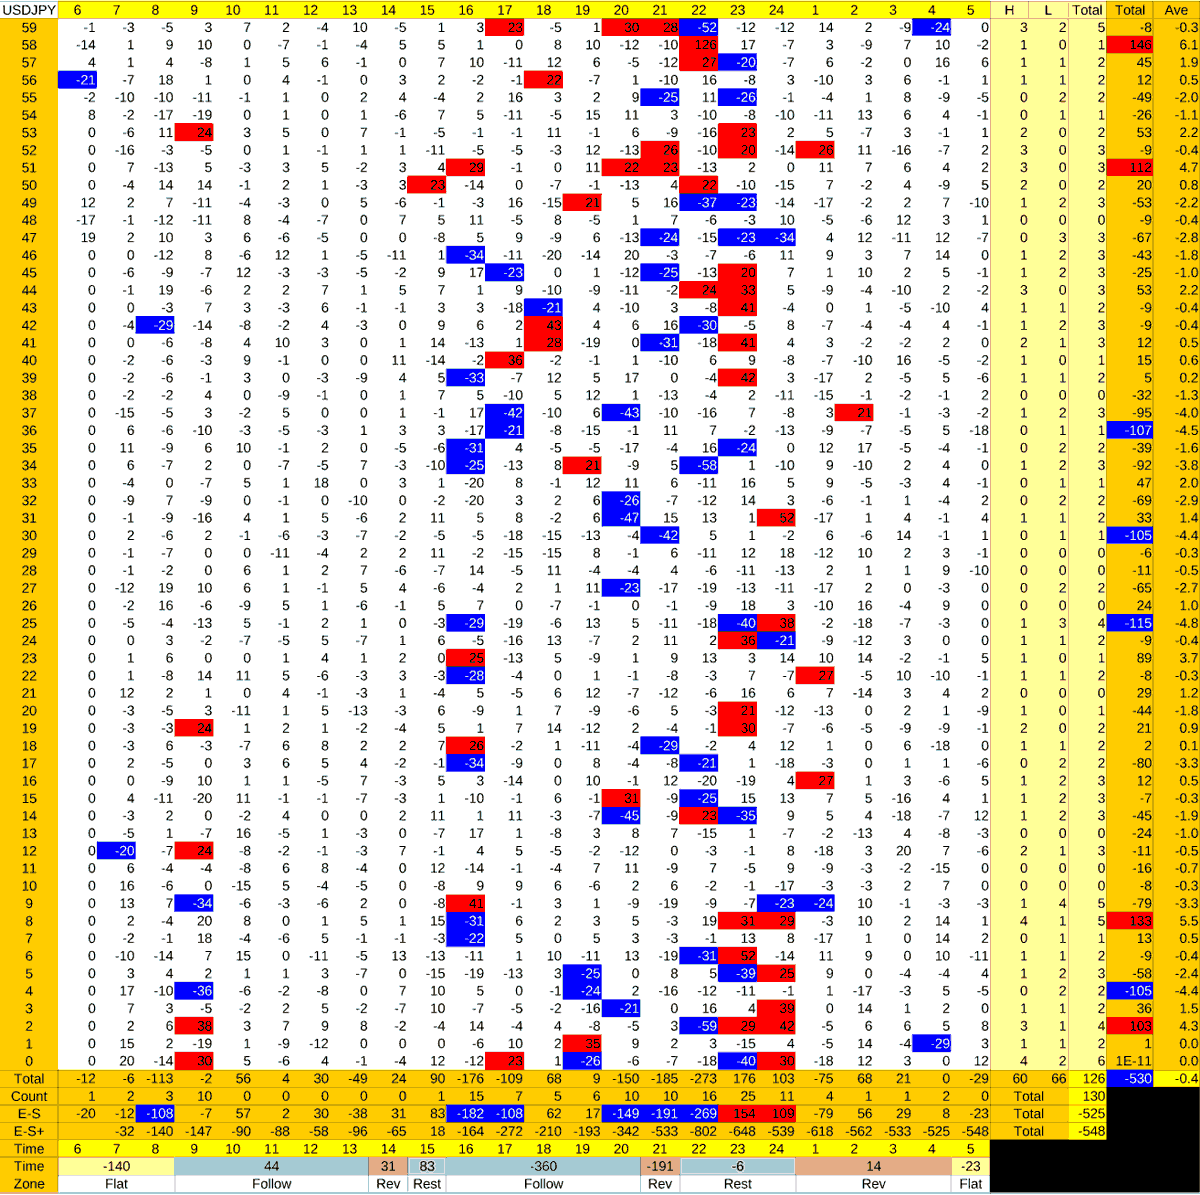 20210719_HS(1)USDJPY-min